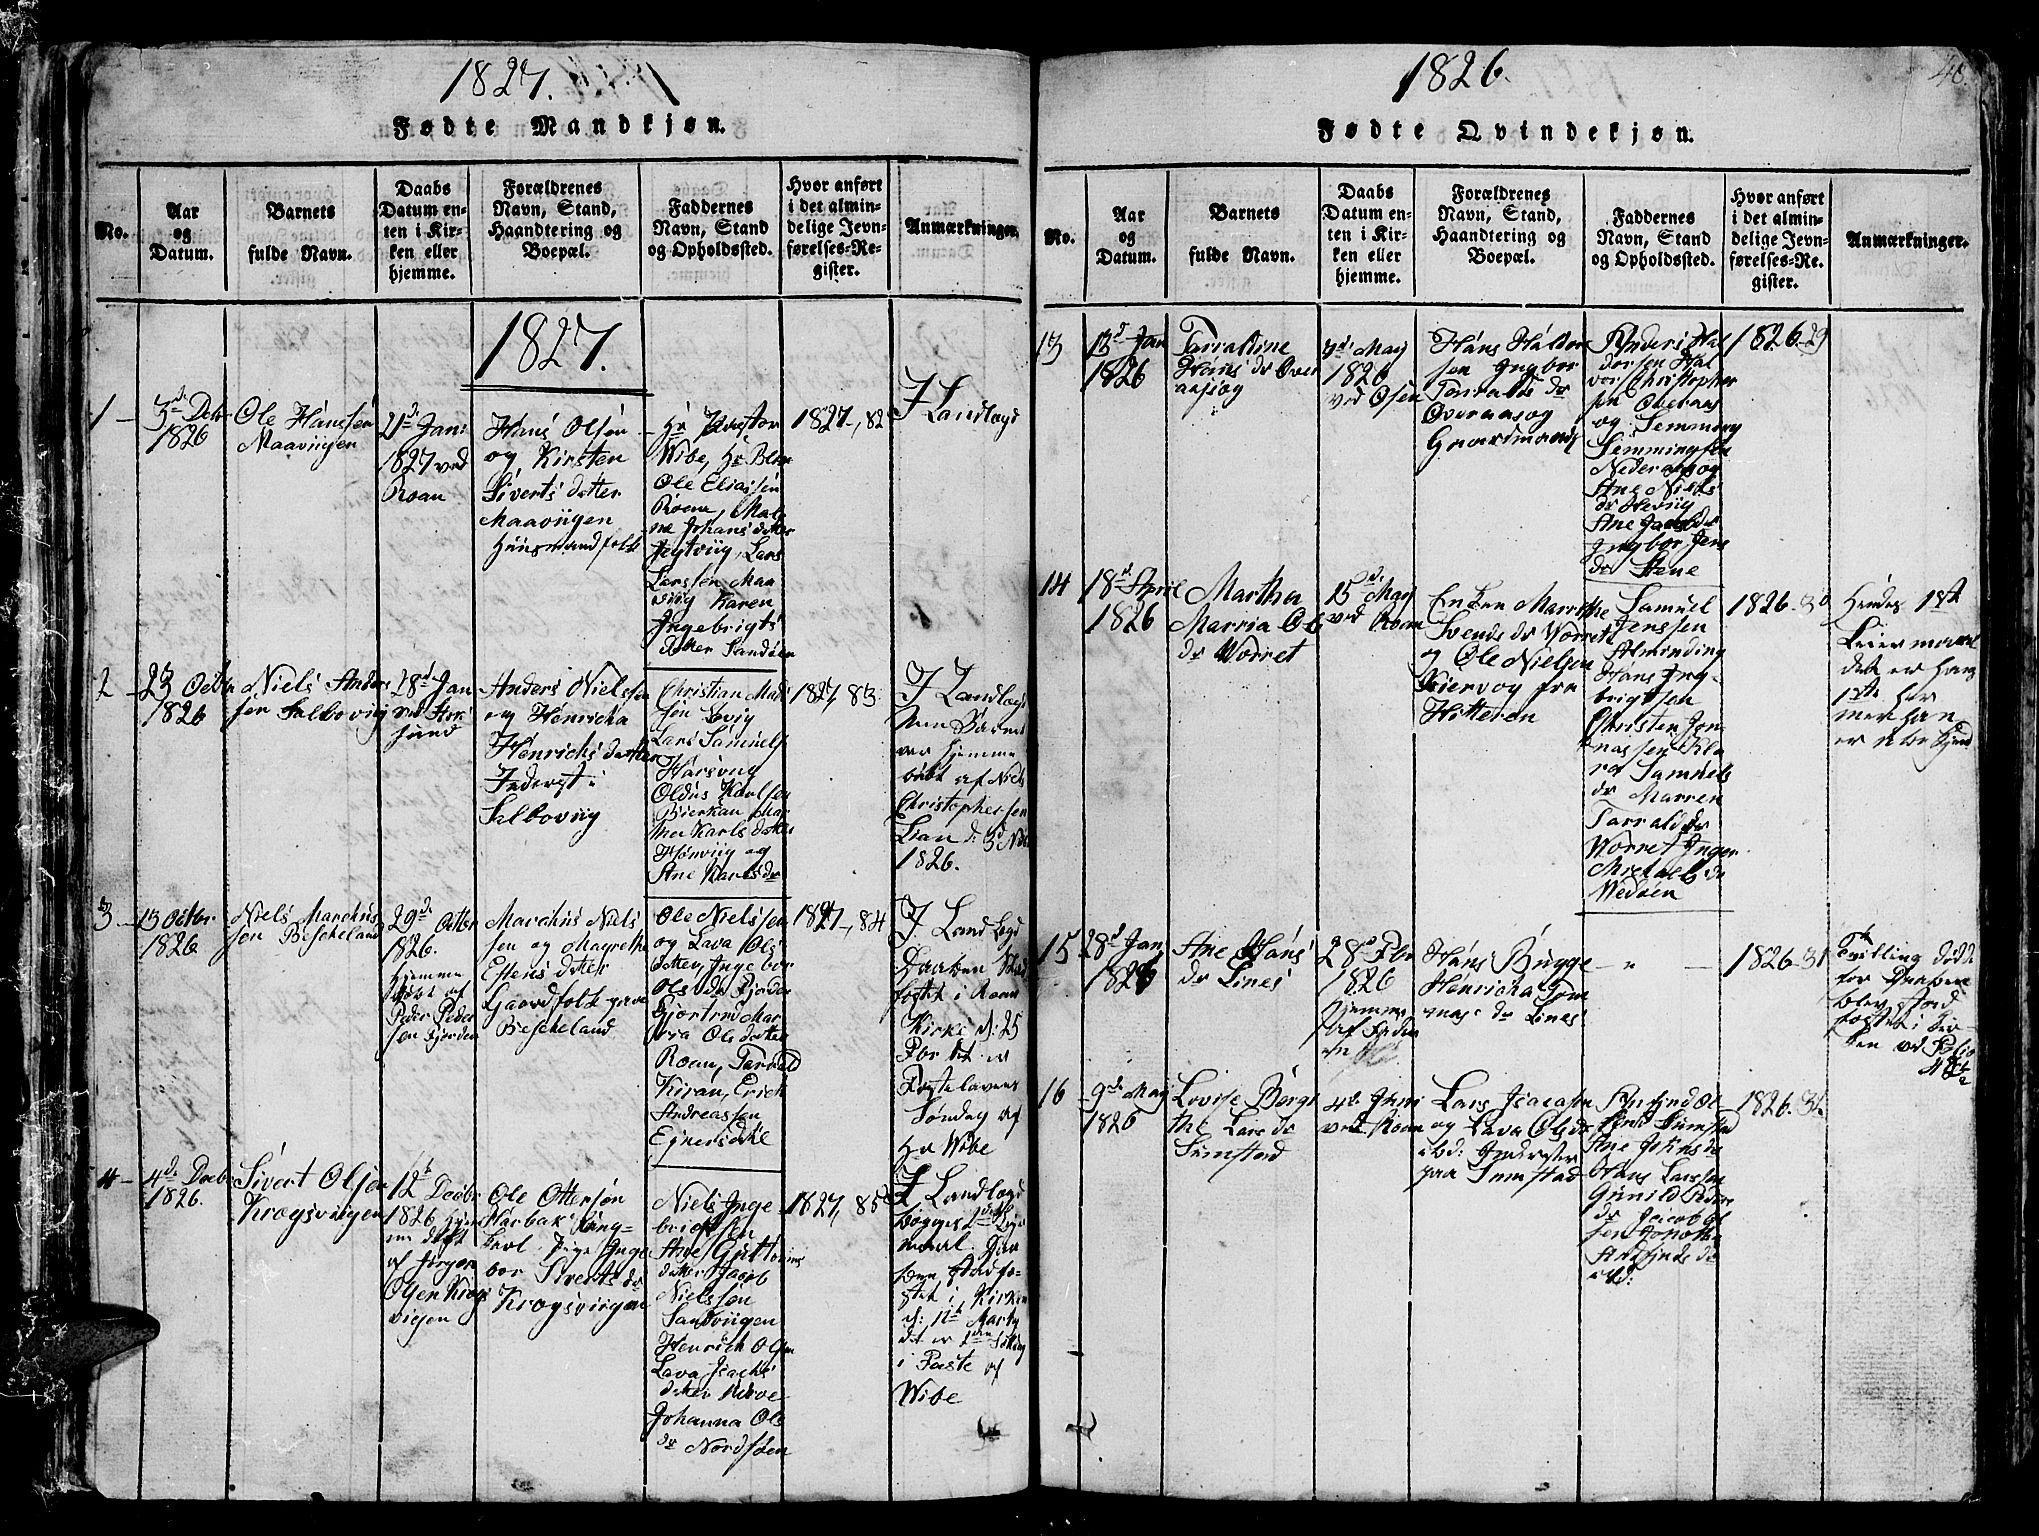 SAT, Ministerialprotokoller, klokkerbøker og fødselsregistre - Sør-Trøndelag, 657/L0714: Klokkerbok nr. 657C01, 1818-1868, s. 48